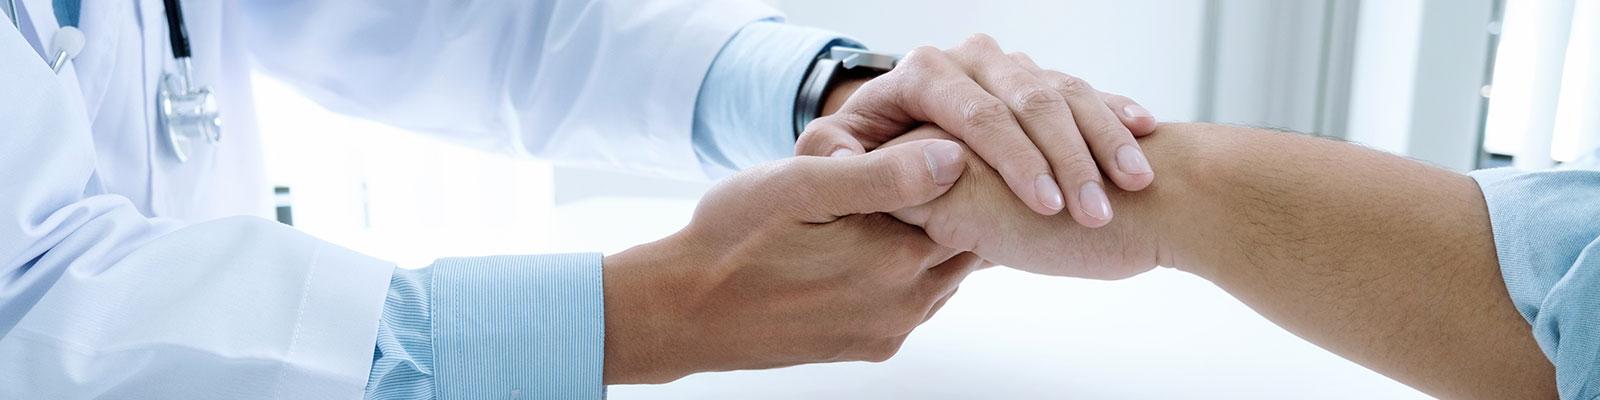 Facharztpraxis für Allgemeinmedizin